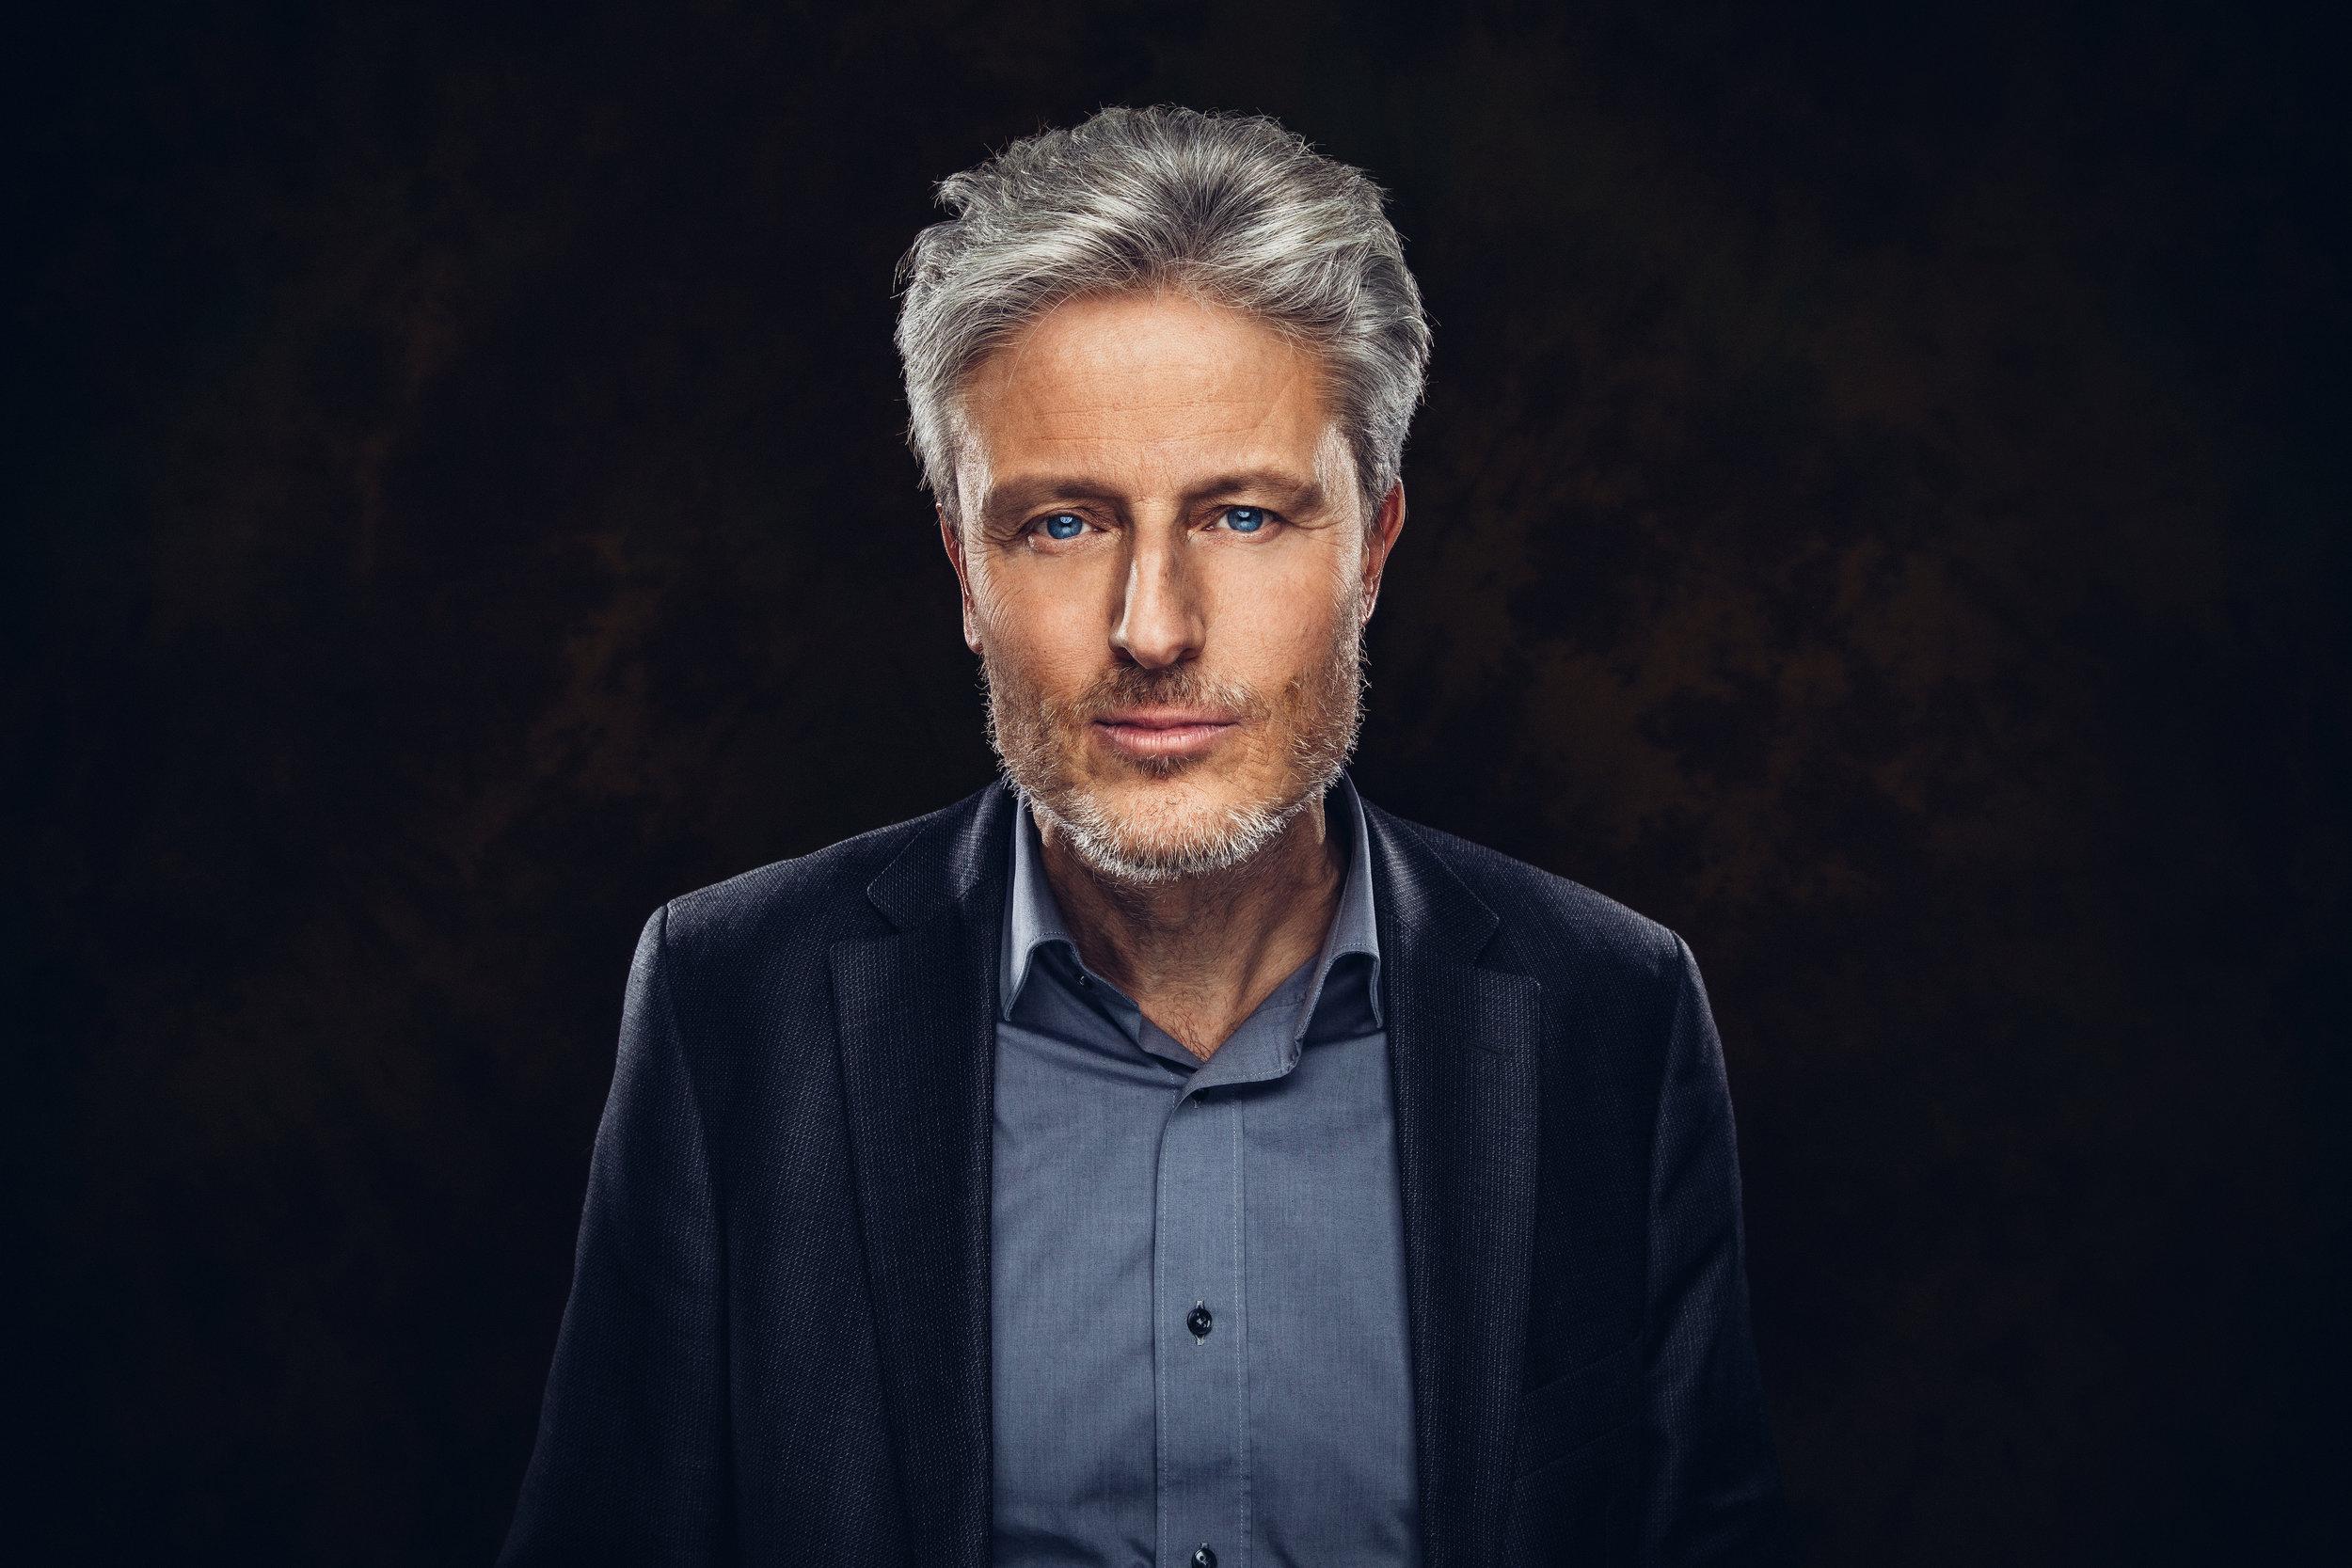 FolgenSie mir auffällig - Neues Programm 2018/9